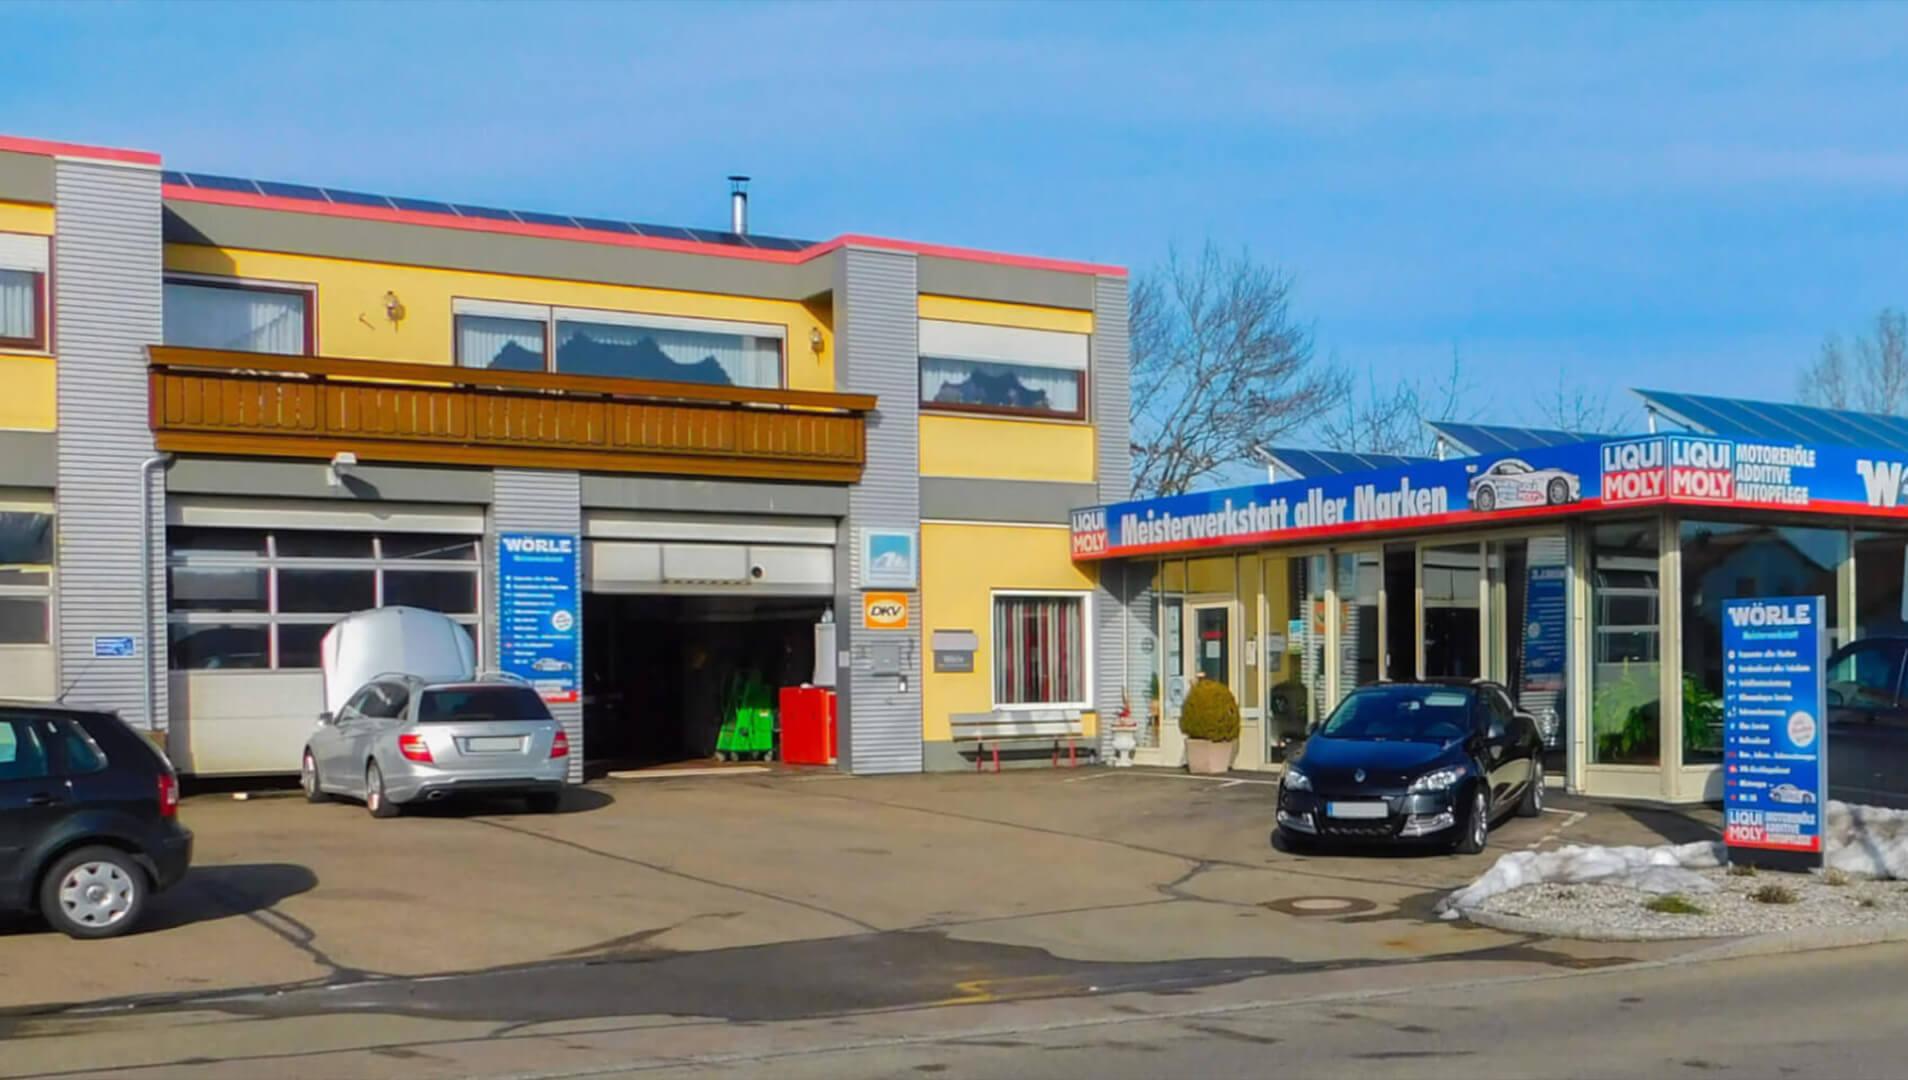 Meisterwerkstatt für moderne Verbrenner, Oldtimer und ElektrofahrzeugeAutohaus Wörle